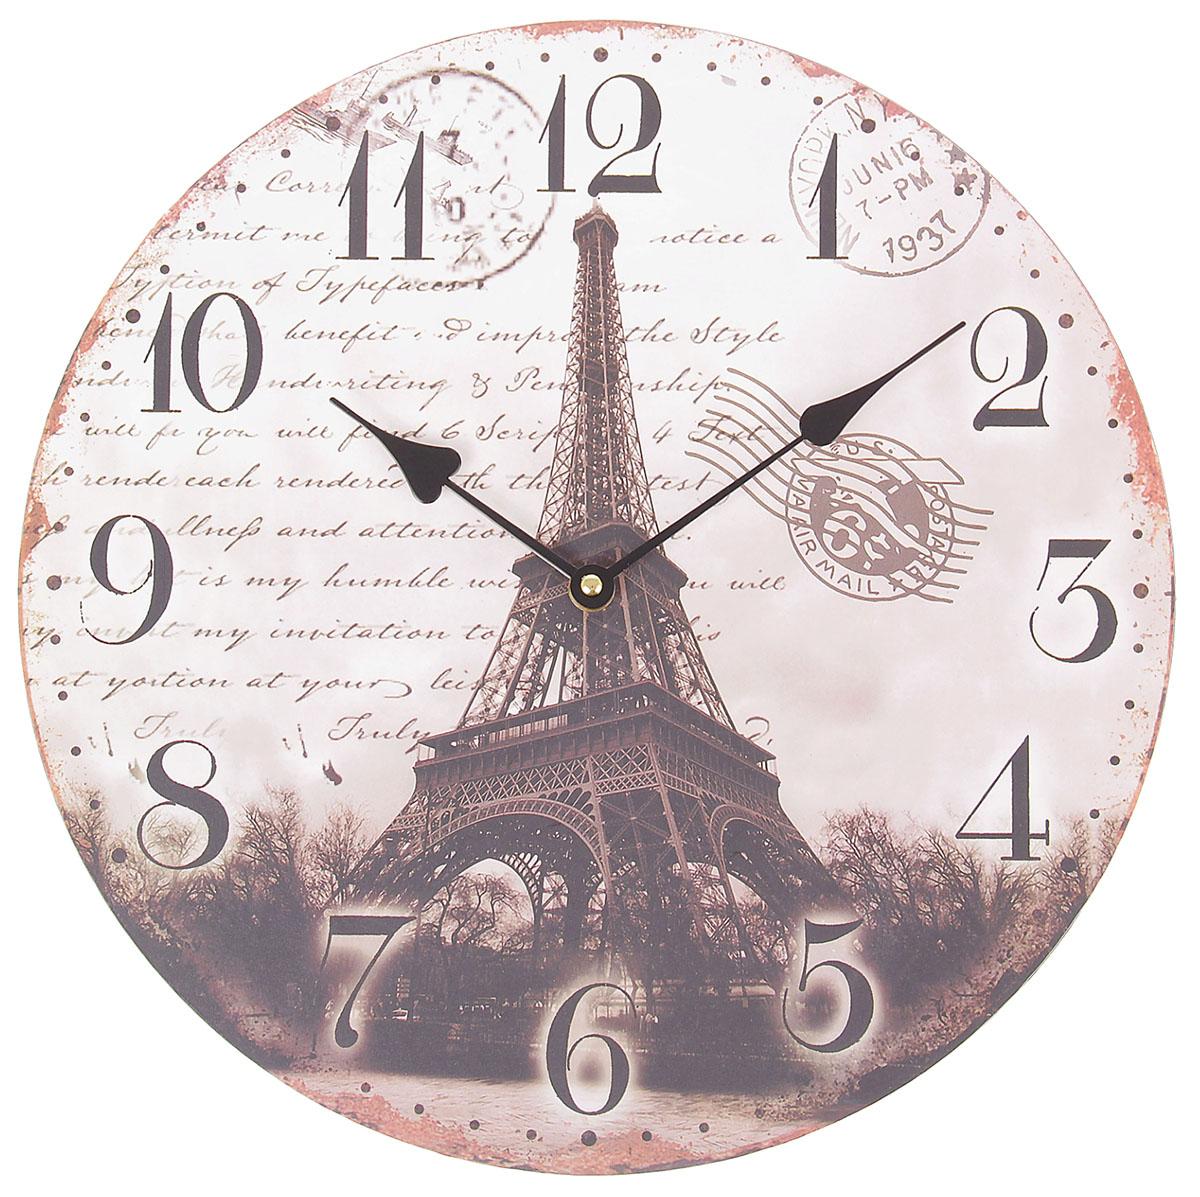 Часы настенные Ретро. Эйфелева башня, диаметр 34 см пазлы magic pazle объемный 3d пазл эйфелева башня 78x38x35 см